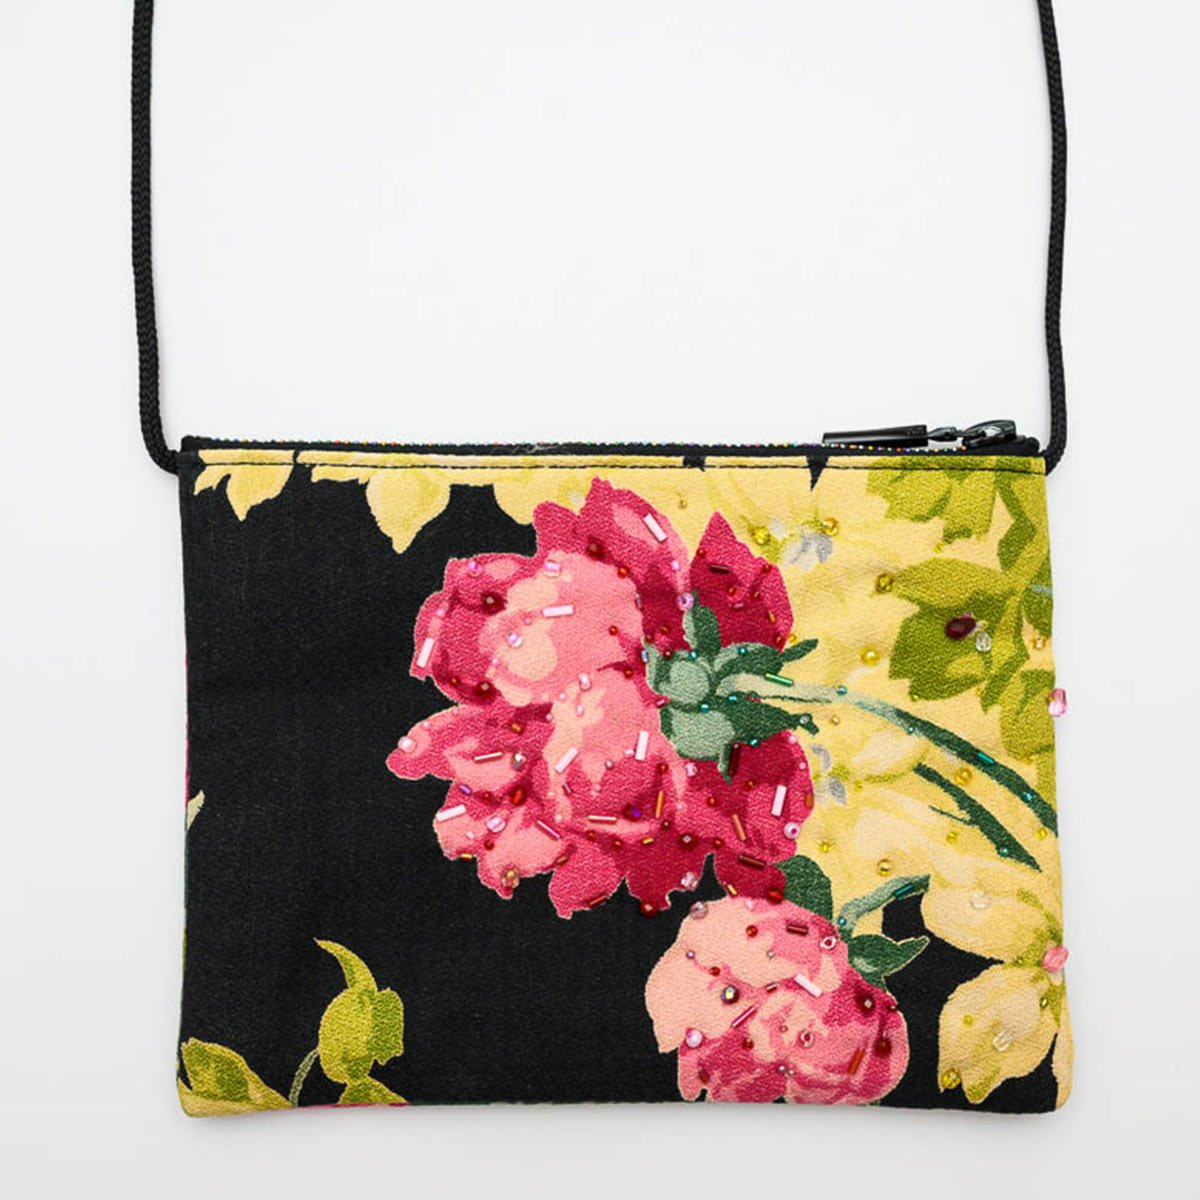 opera_bag_rose_motif_on_black-MLP_6152